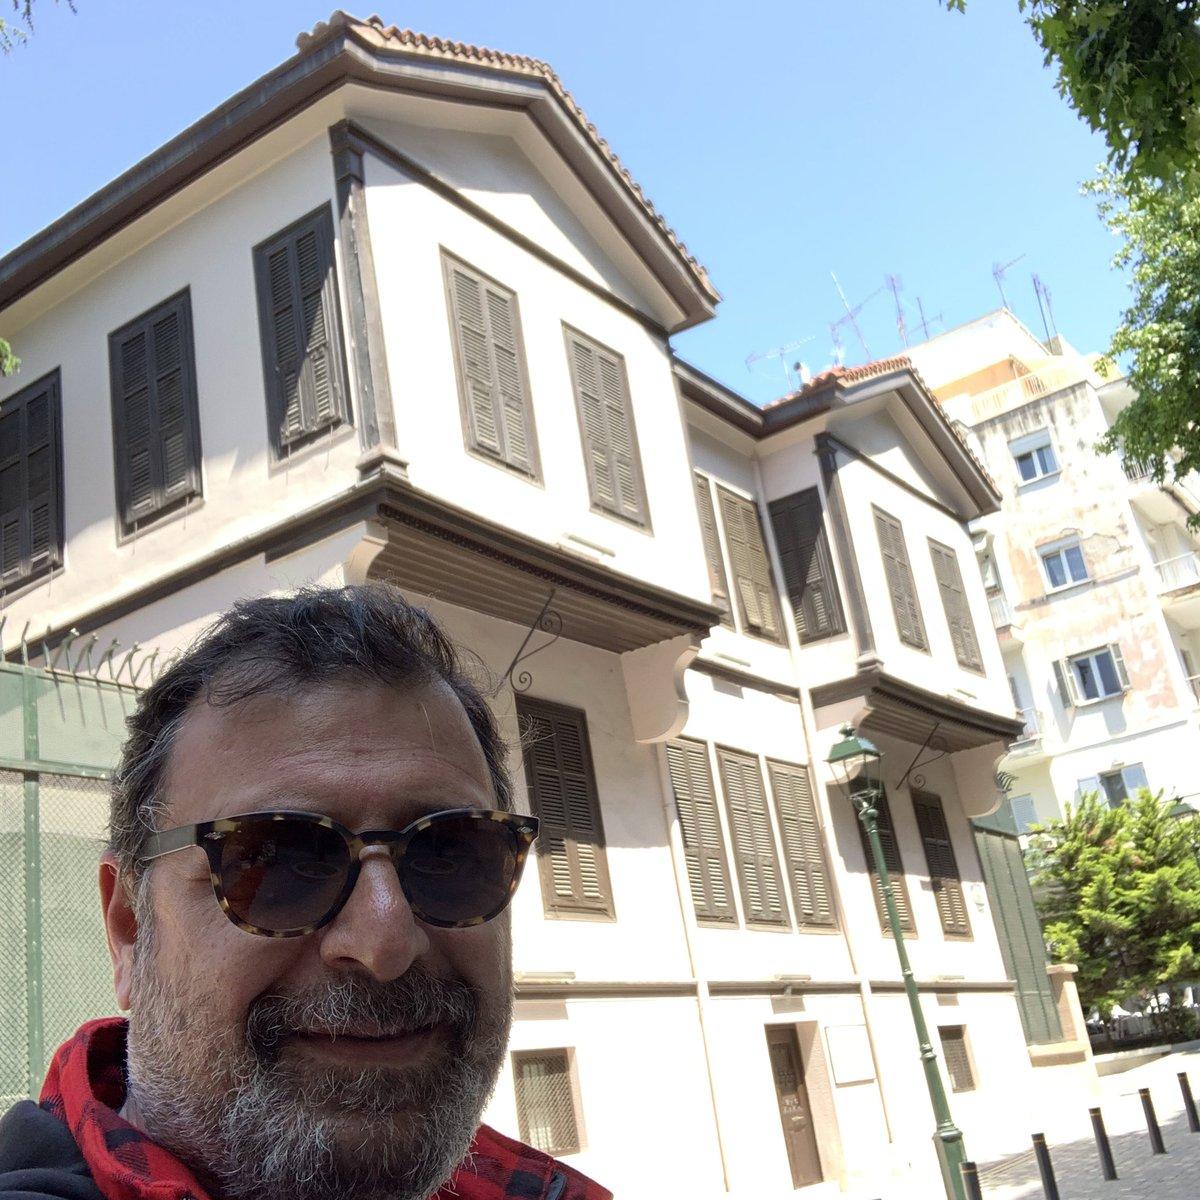 19 Mayıs başka bir anlamlı oldu bu kez, Atamızın Selanik'deki evini bir kez daha ziyaret ettim. Sonsuz şükranlarım eşliğinde... #19Mayıs1919